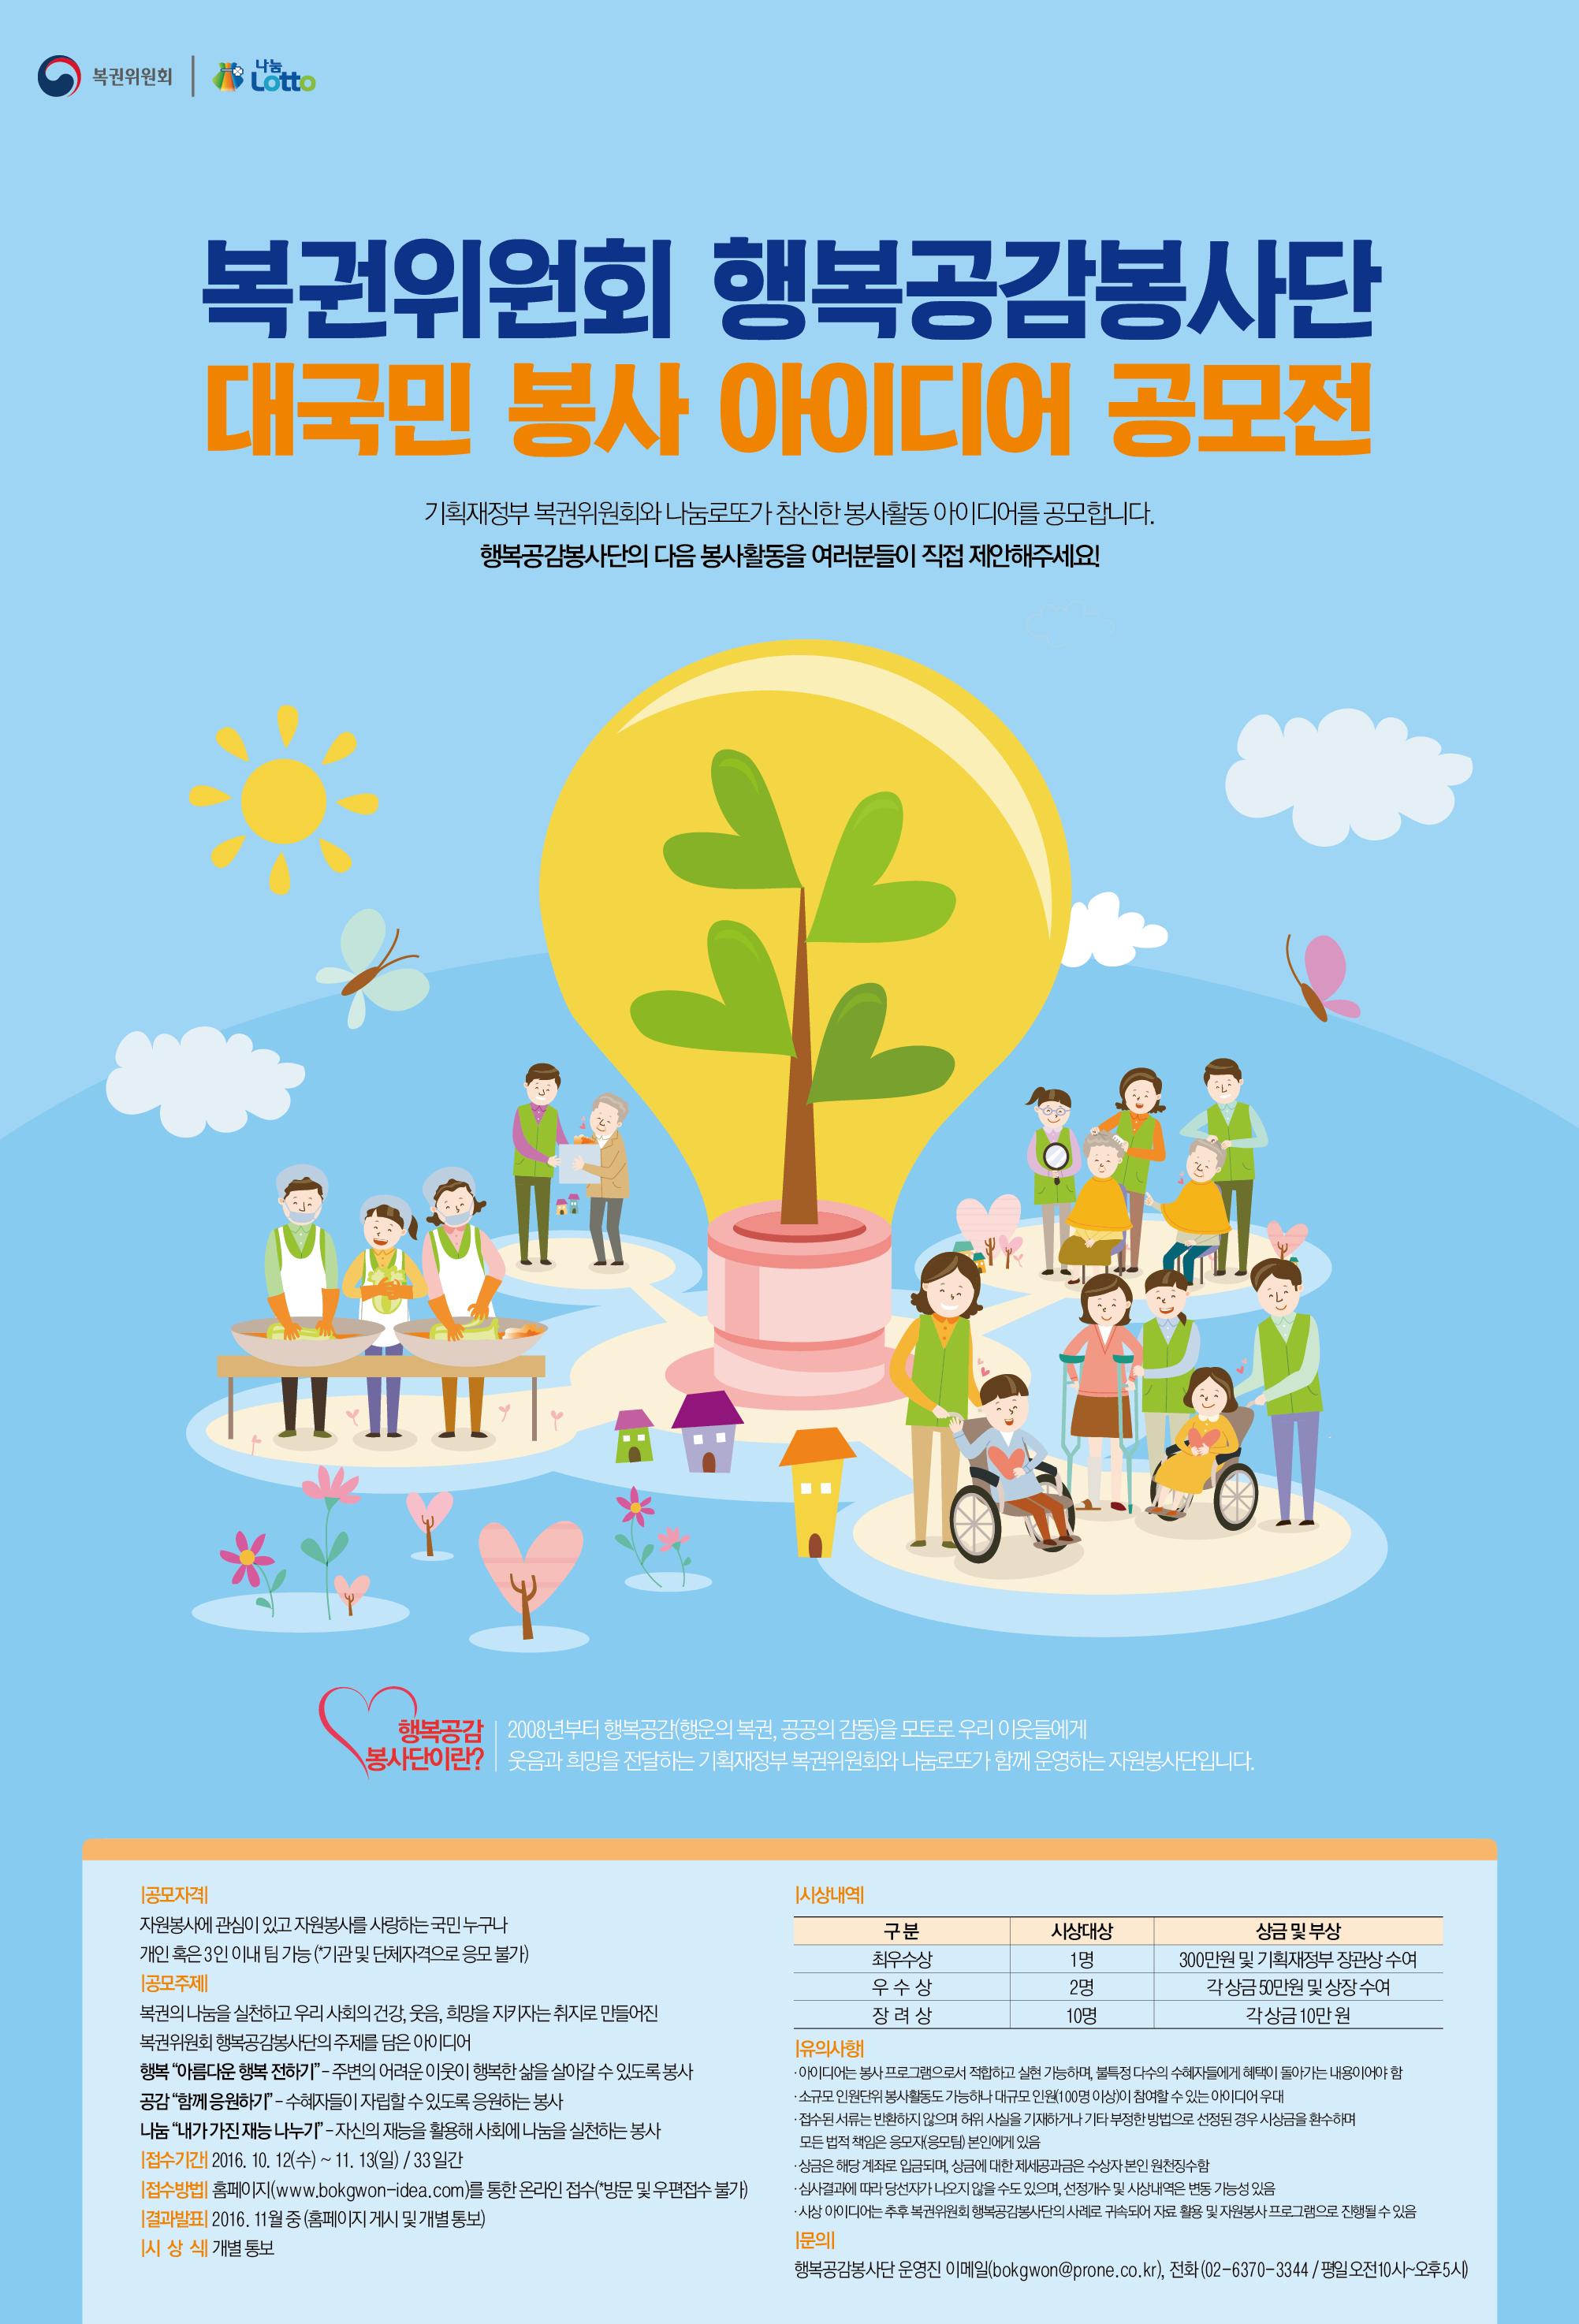 대국민 봉사 아이디어 공모전 포스터.jpg